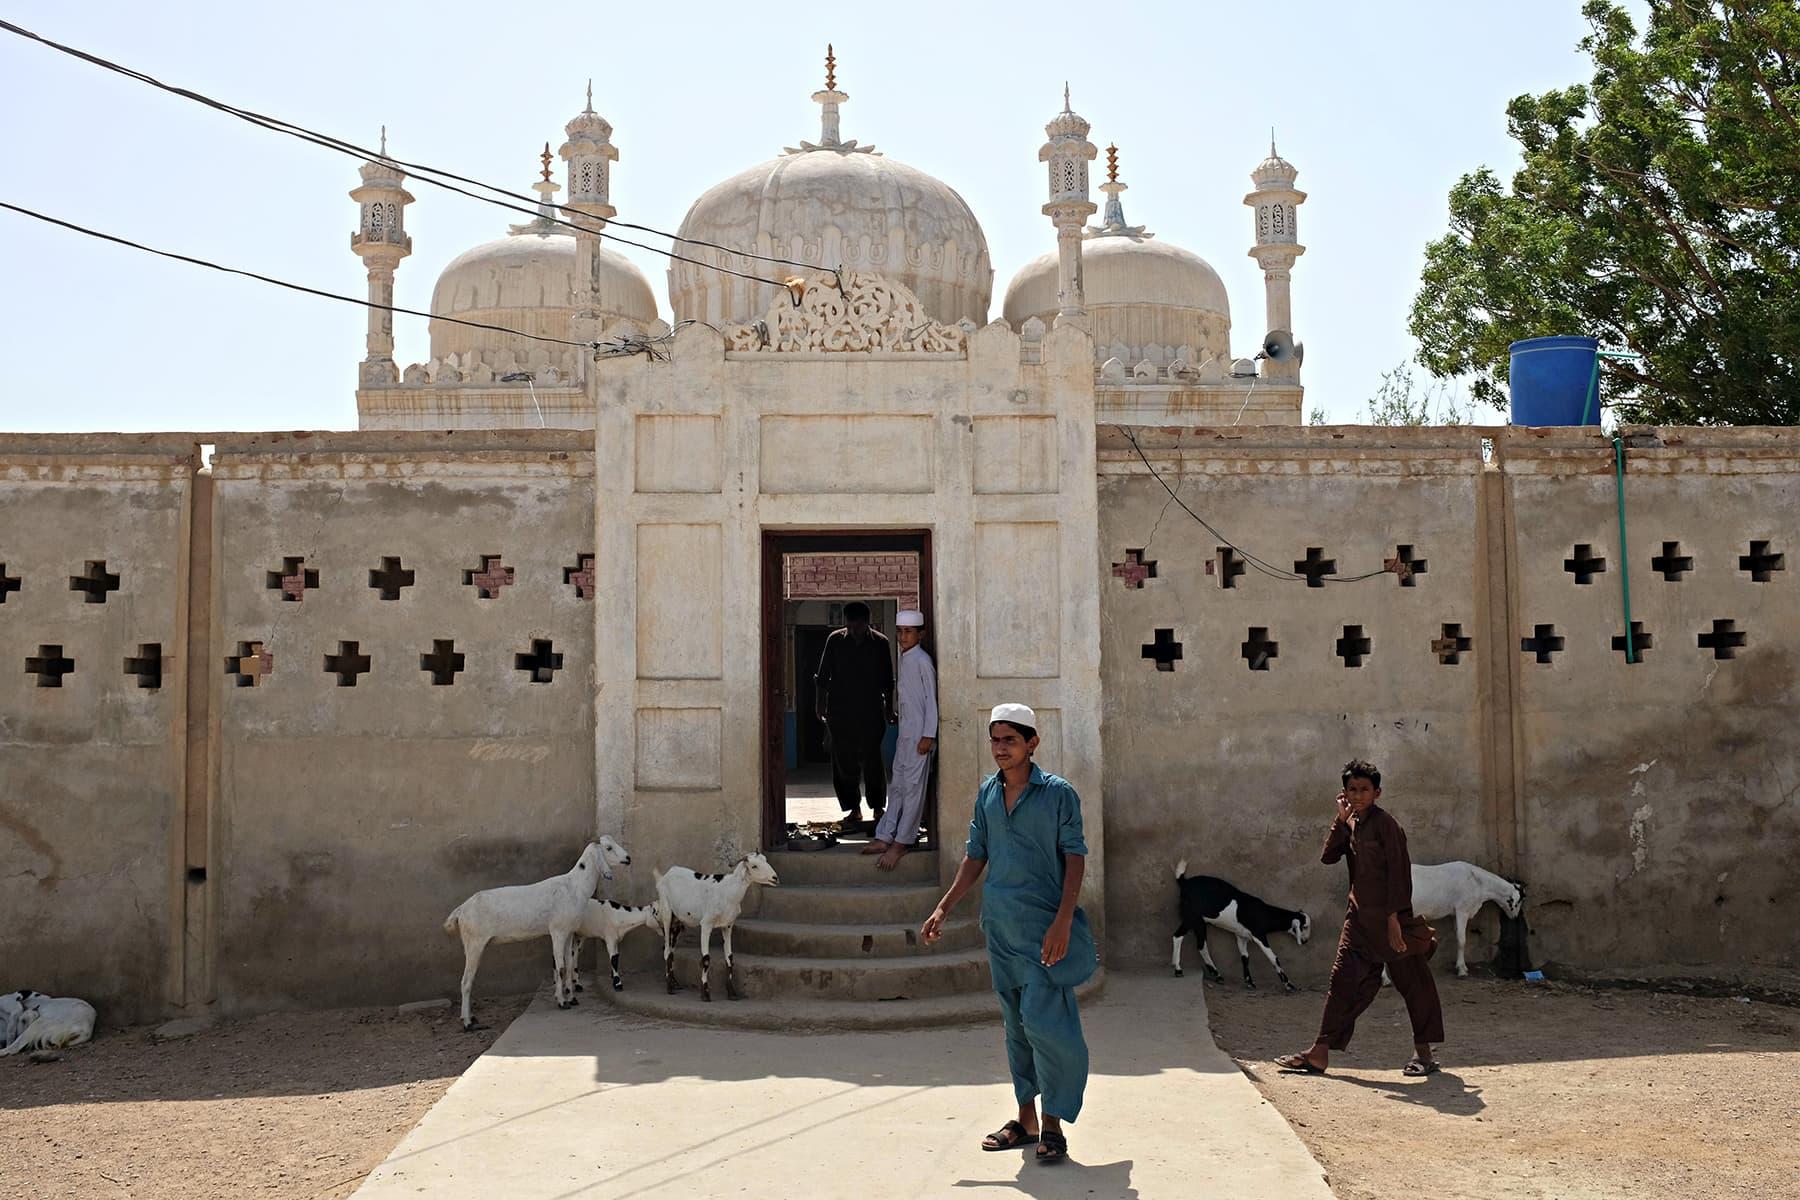 A mosque enroute Peeplasar.